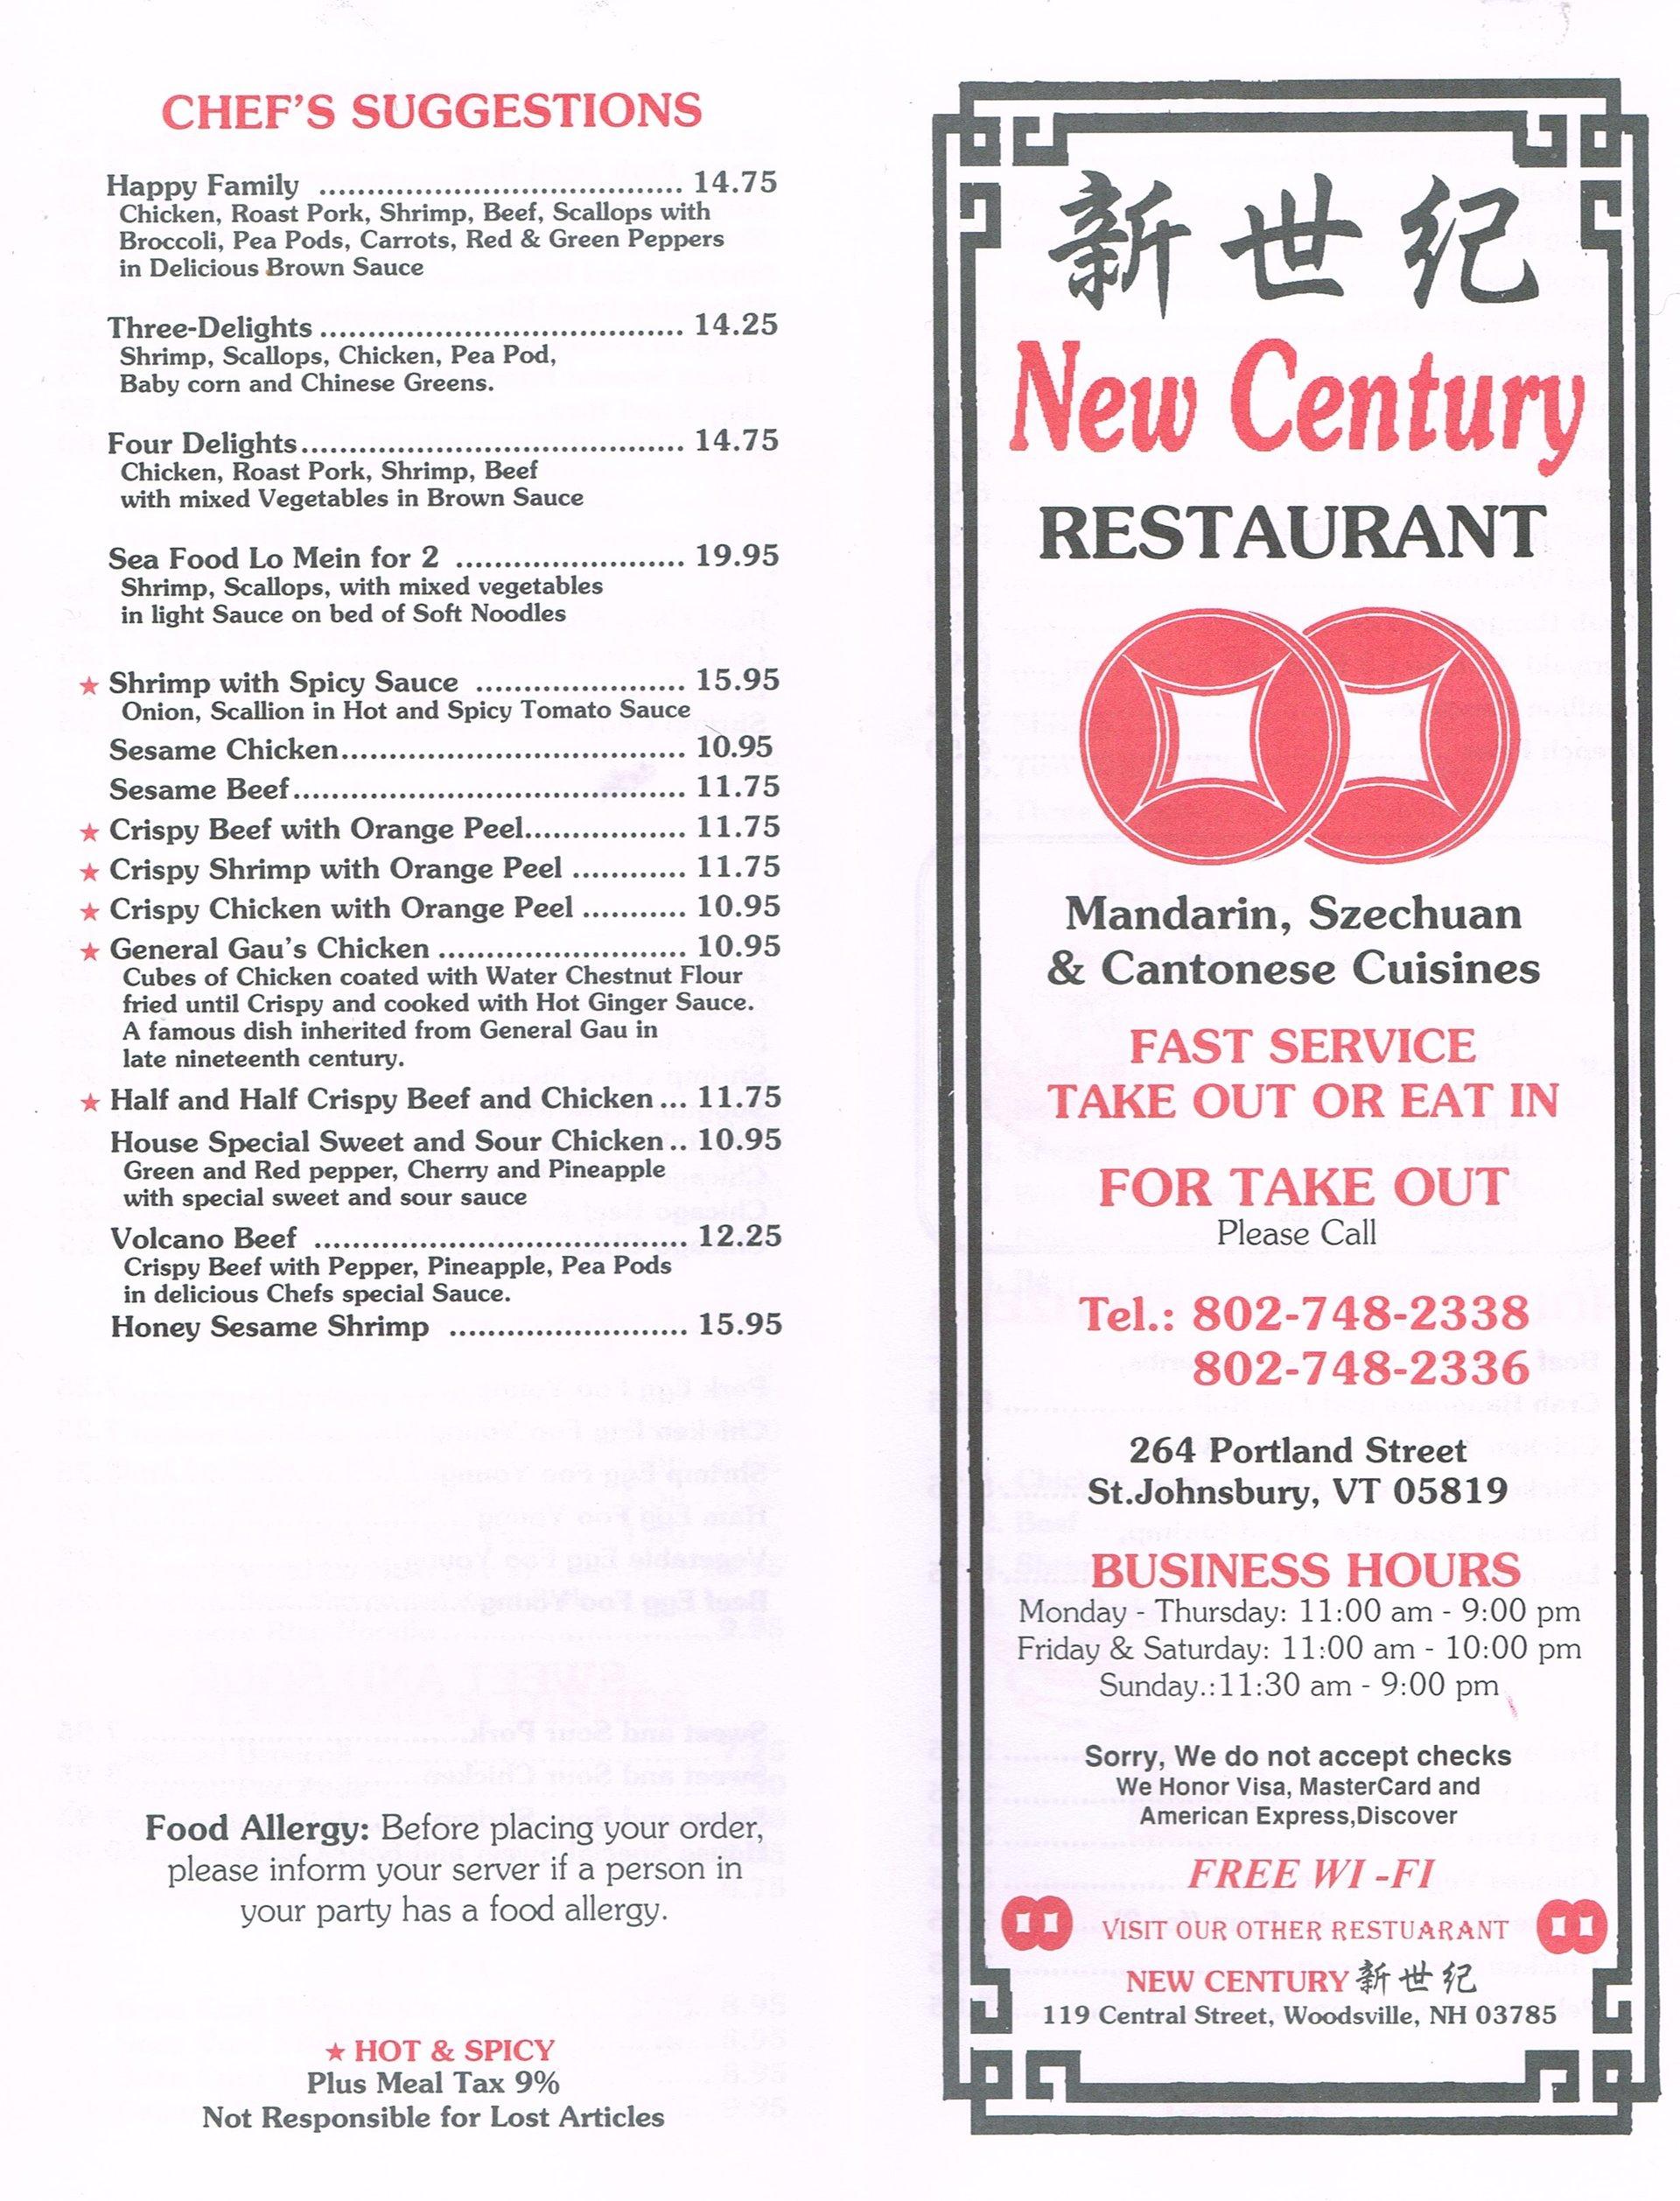 New Century Chinese Restaurant Menu   St. Johnsbury VT   Woodsville NH